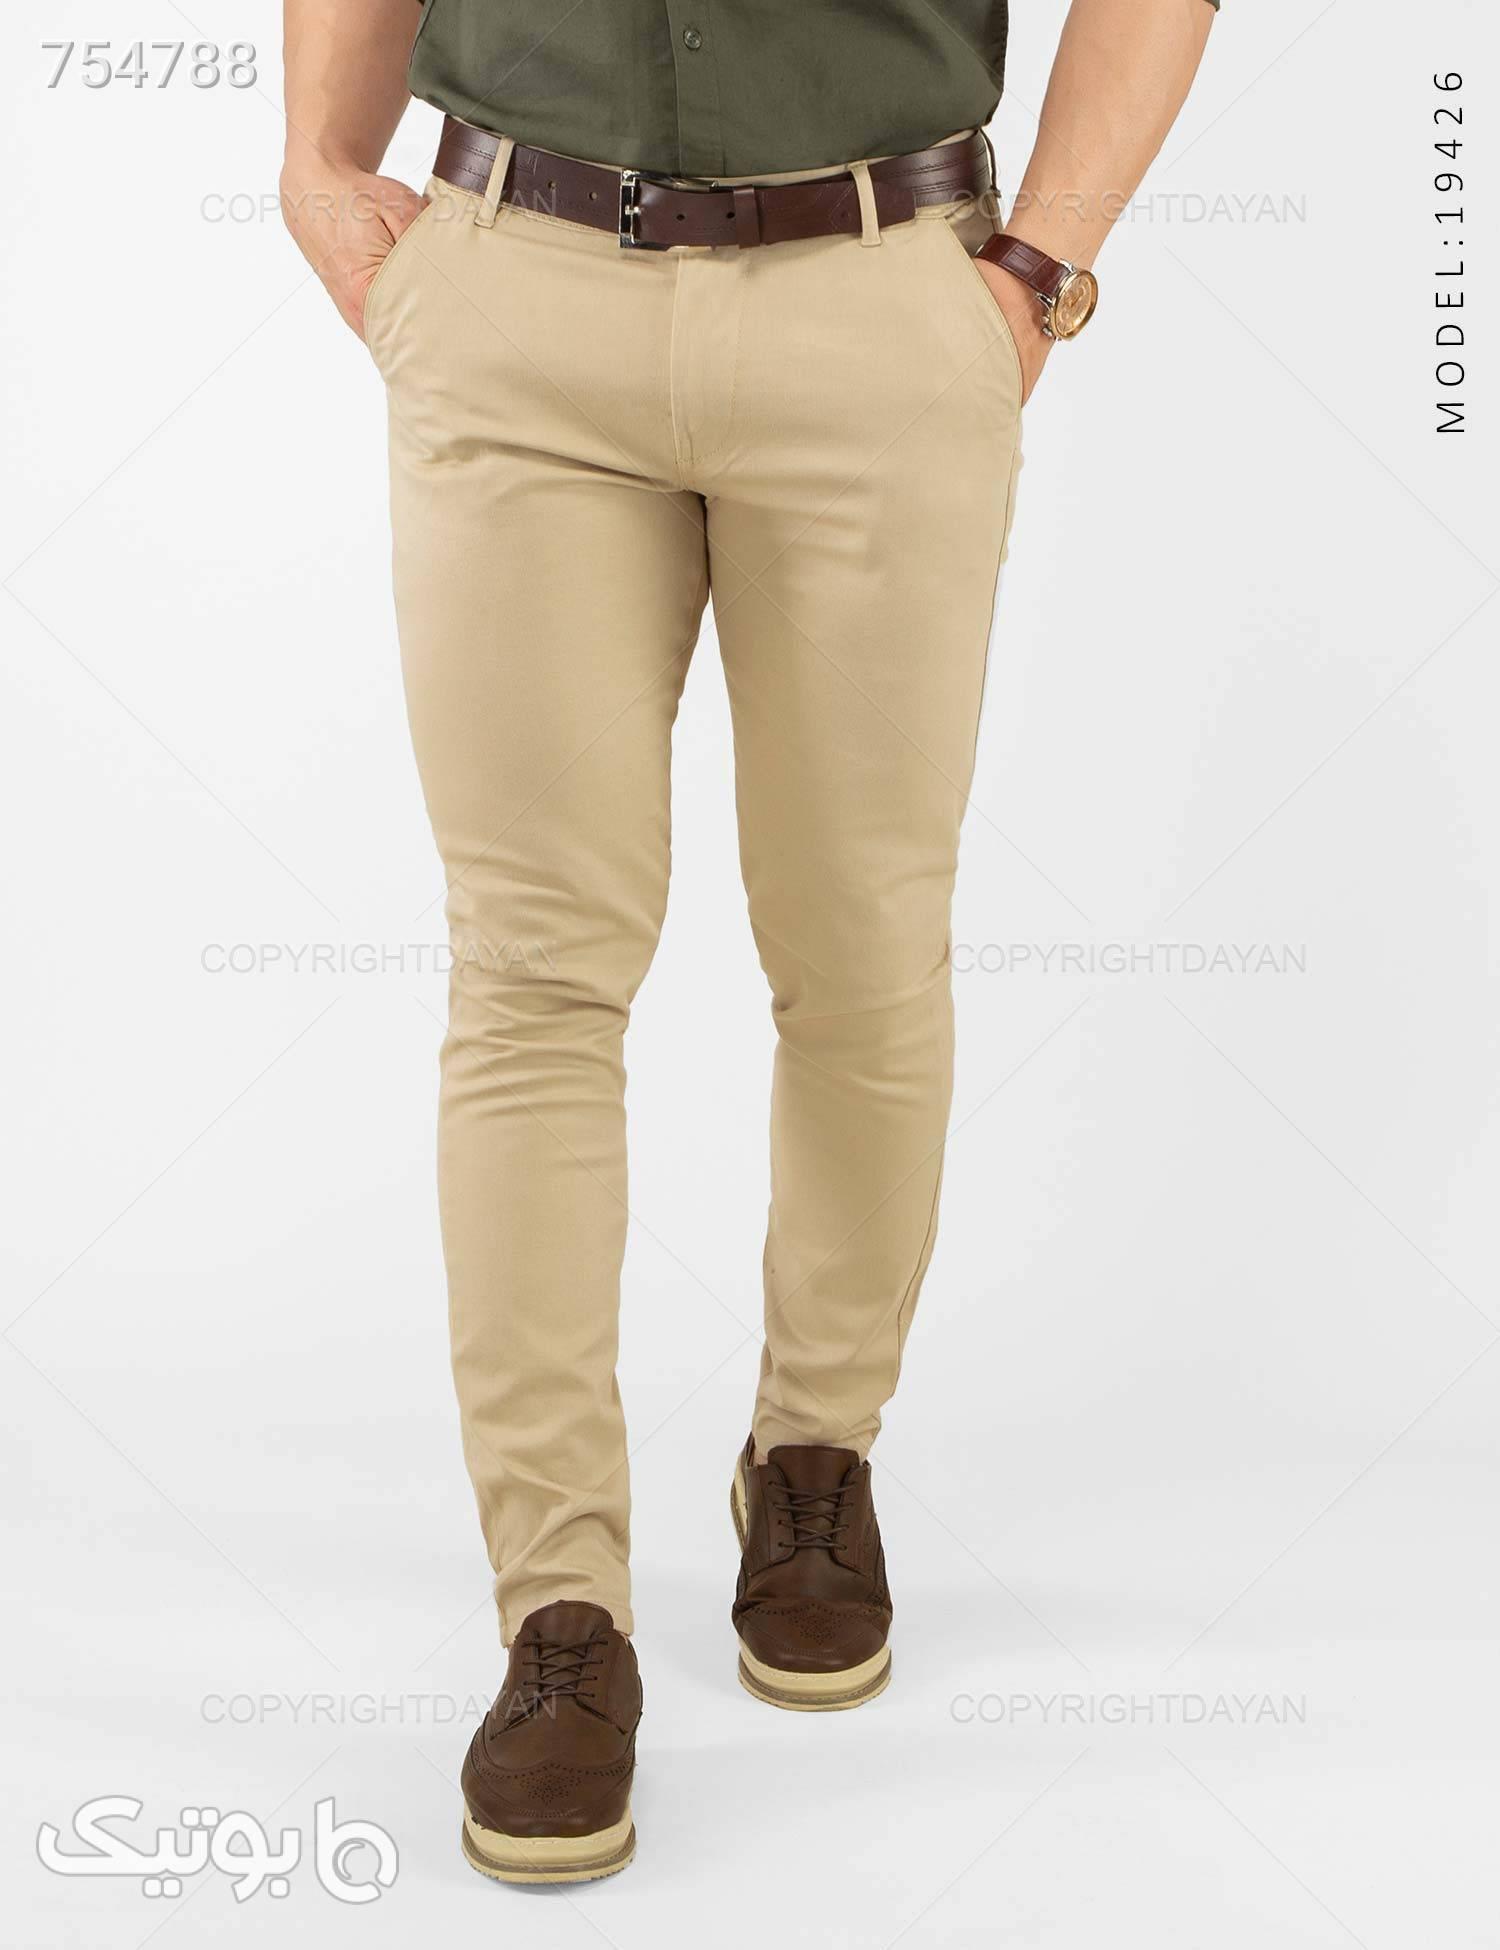 شلوار مردانه Alvin مدل 19426 کرم شلوار مردانه پارچه ای و کتان مردانه